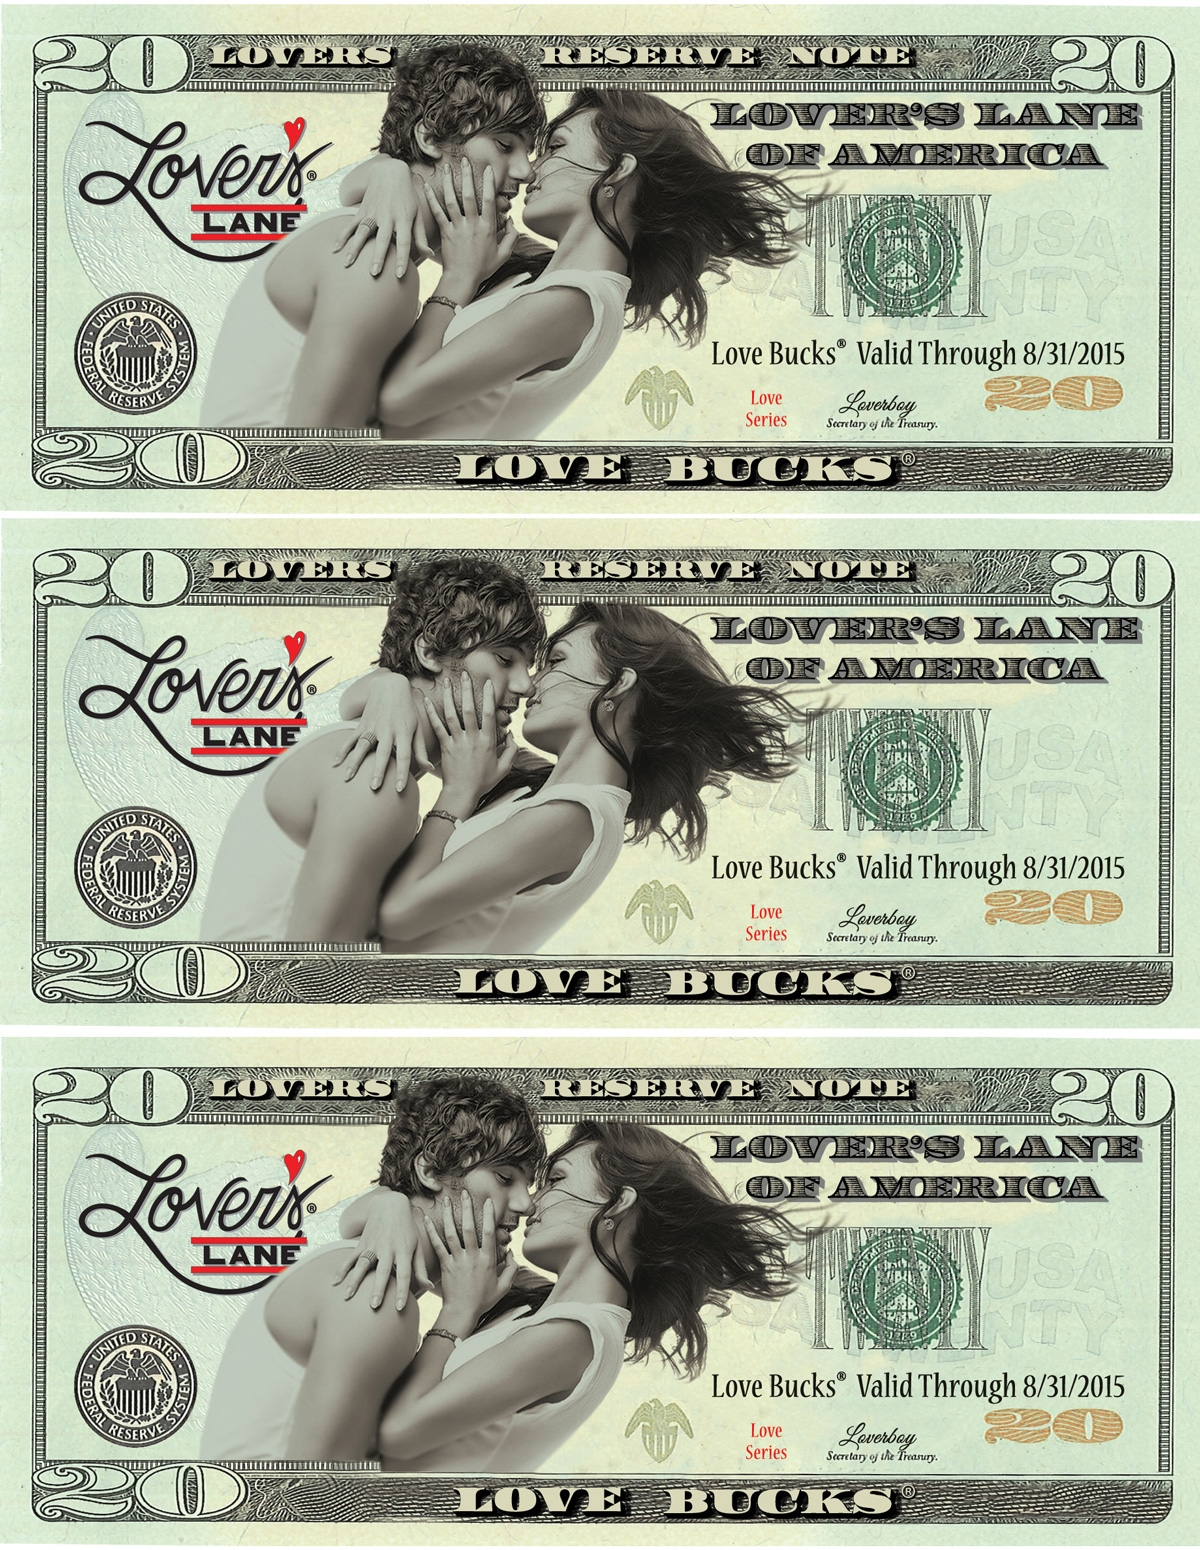 $60 Love Buck